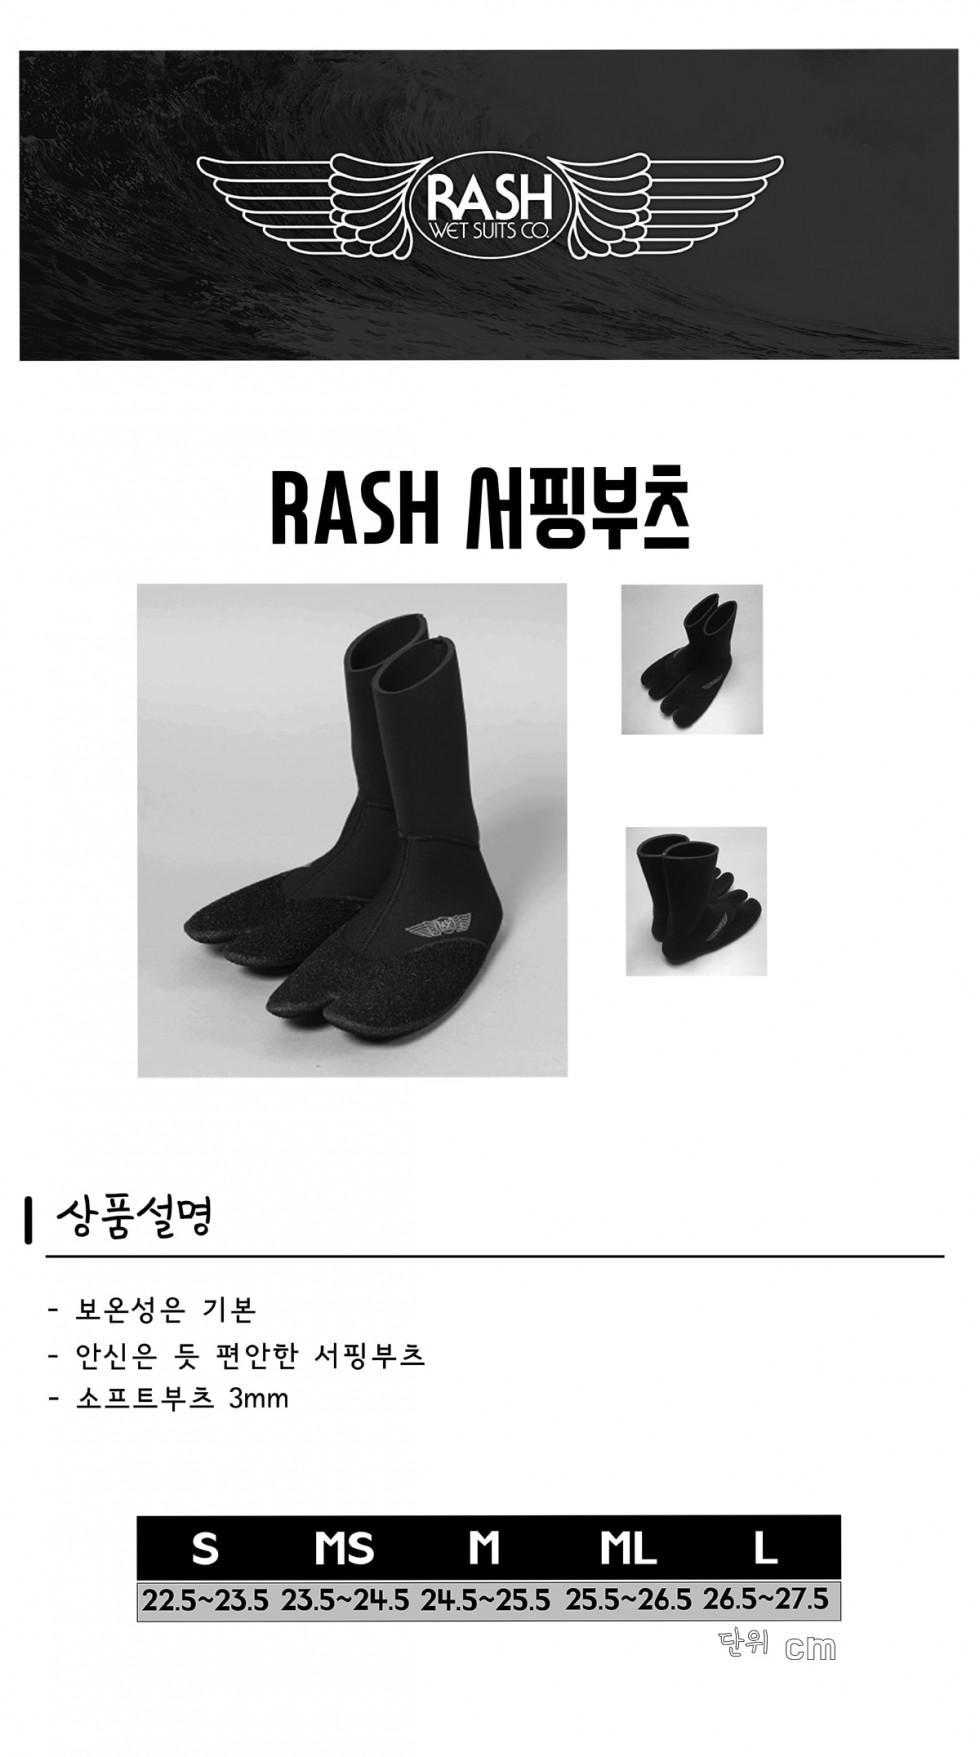 RASHE18487E185AEE1848EE185B3_1.jpg